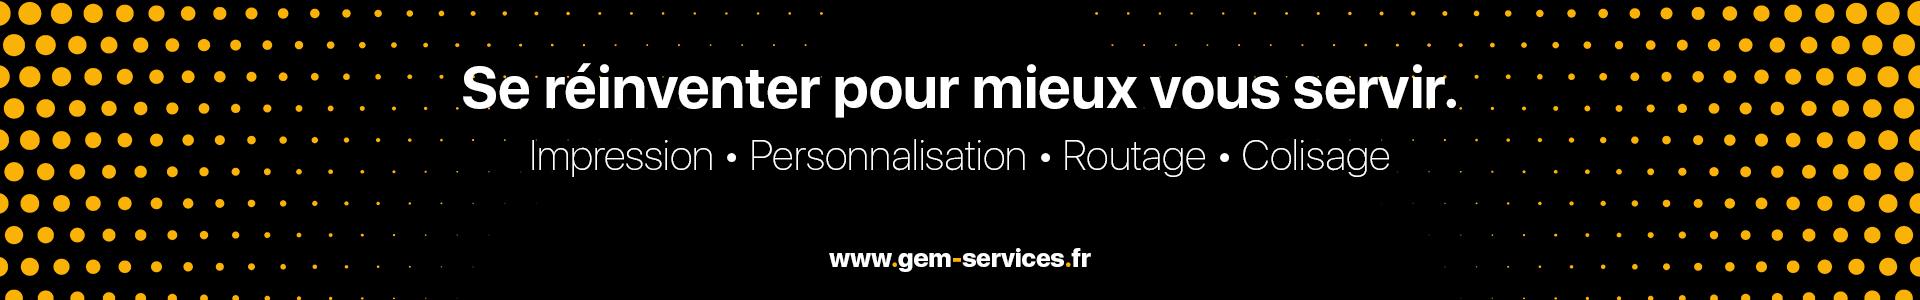 Gem Services le routeur de votre région bourgogne franche comté vous propose ses solutions en marketing direct